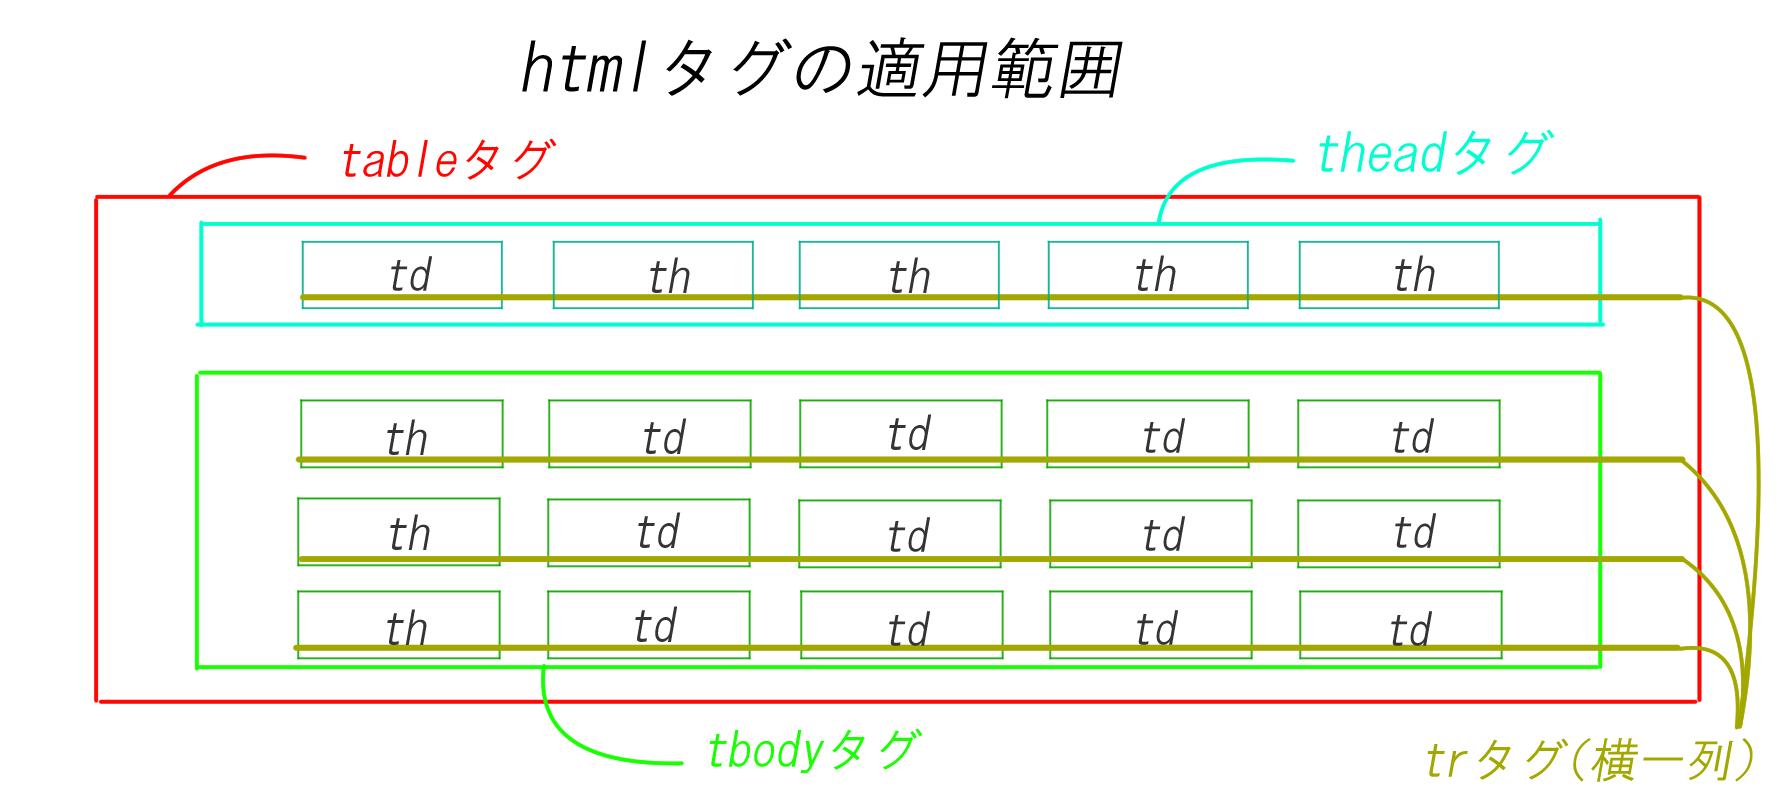 テーブルにおけるhtmlの適用範囲